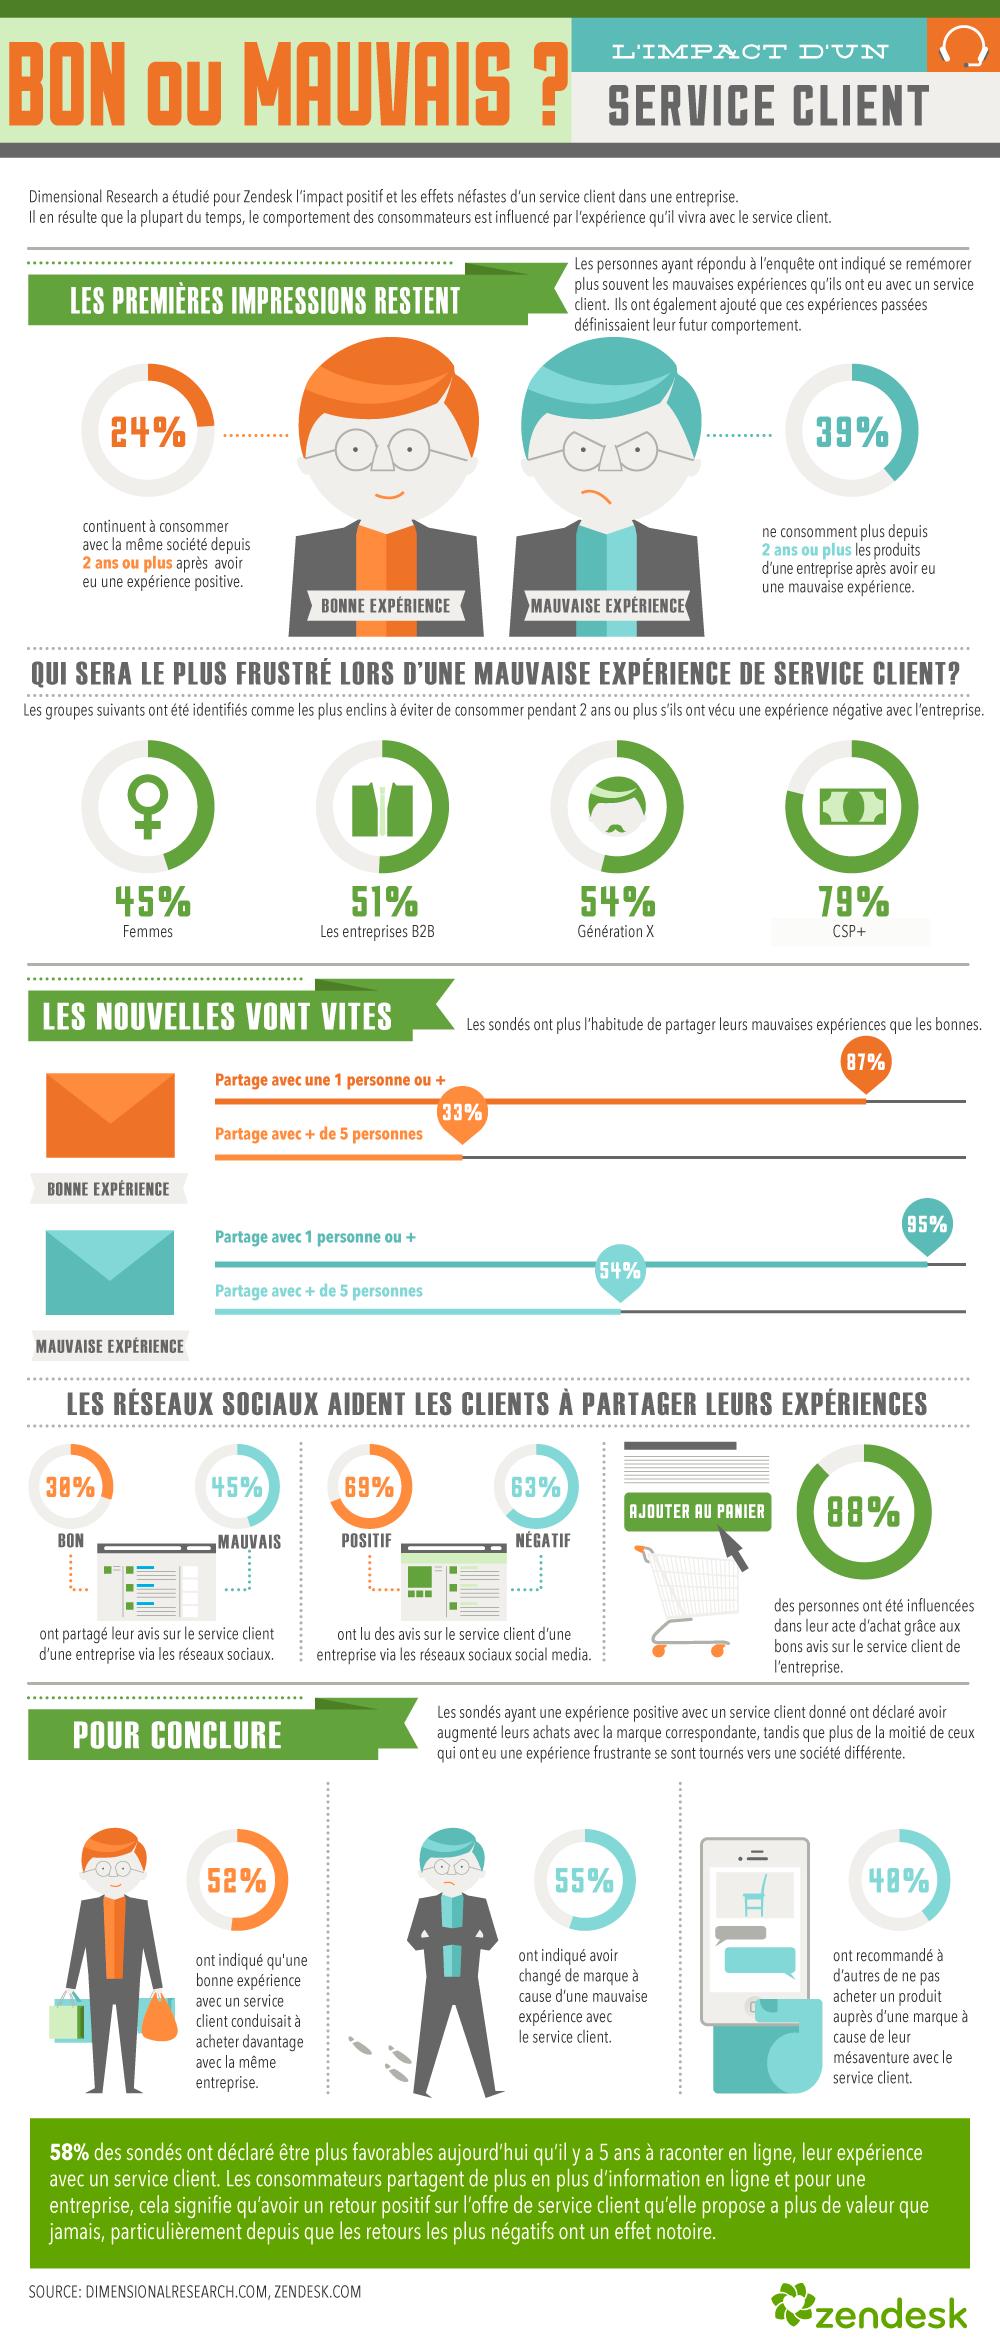 Zendesk: L'impact du service client